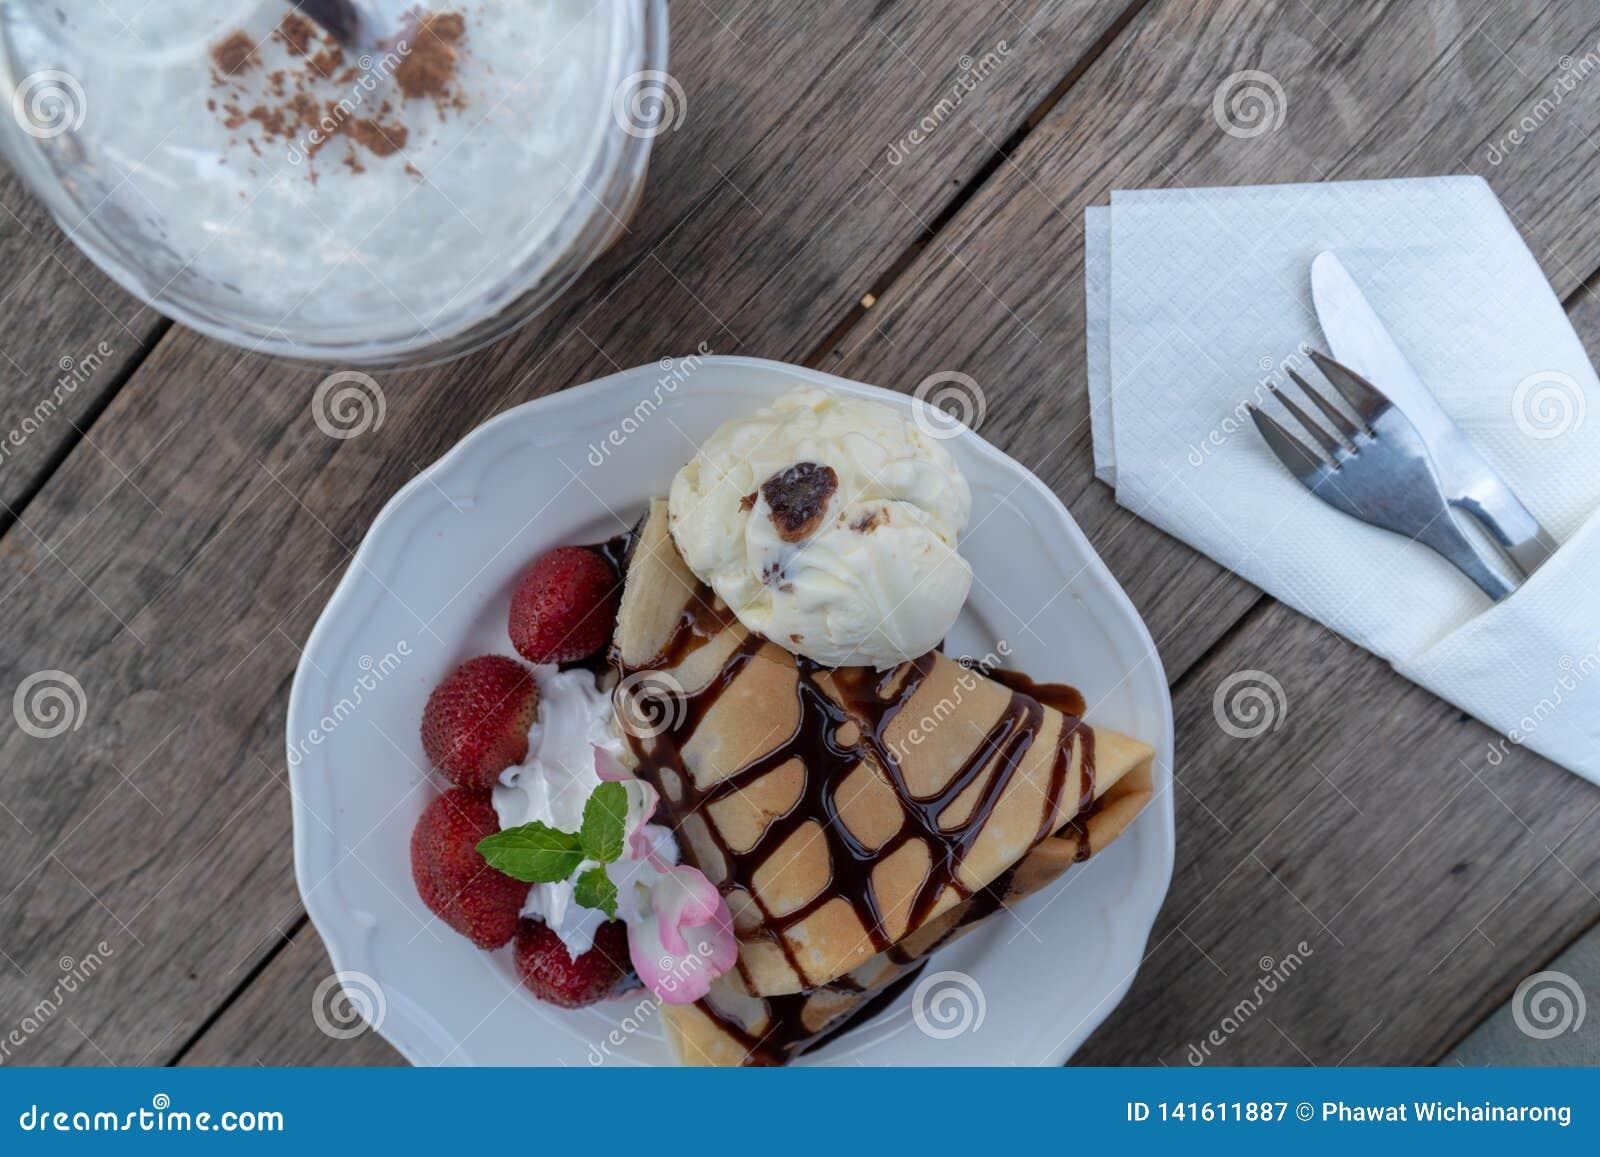 De dessertplaat van omfloerst met aardbei, banaan, en roomijs op houten lijst